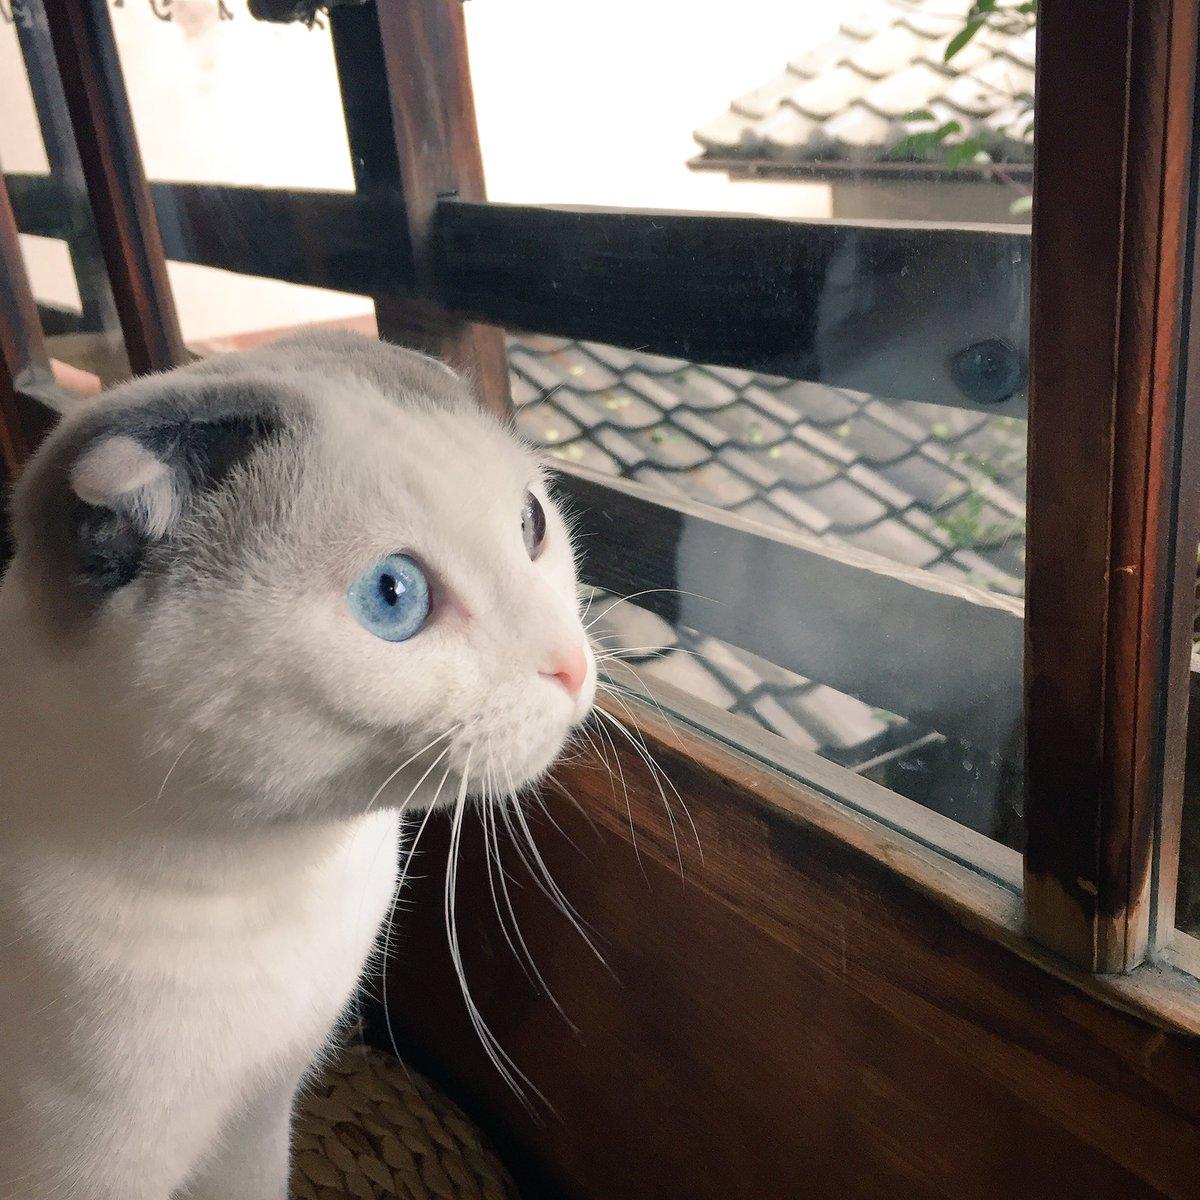 降り積もる雪を窓際に並んで眺める猫